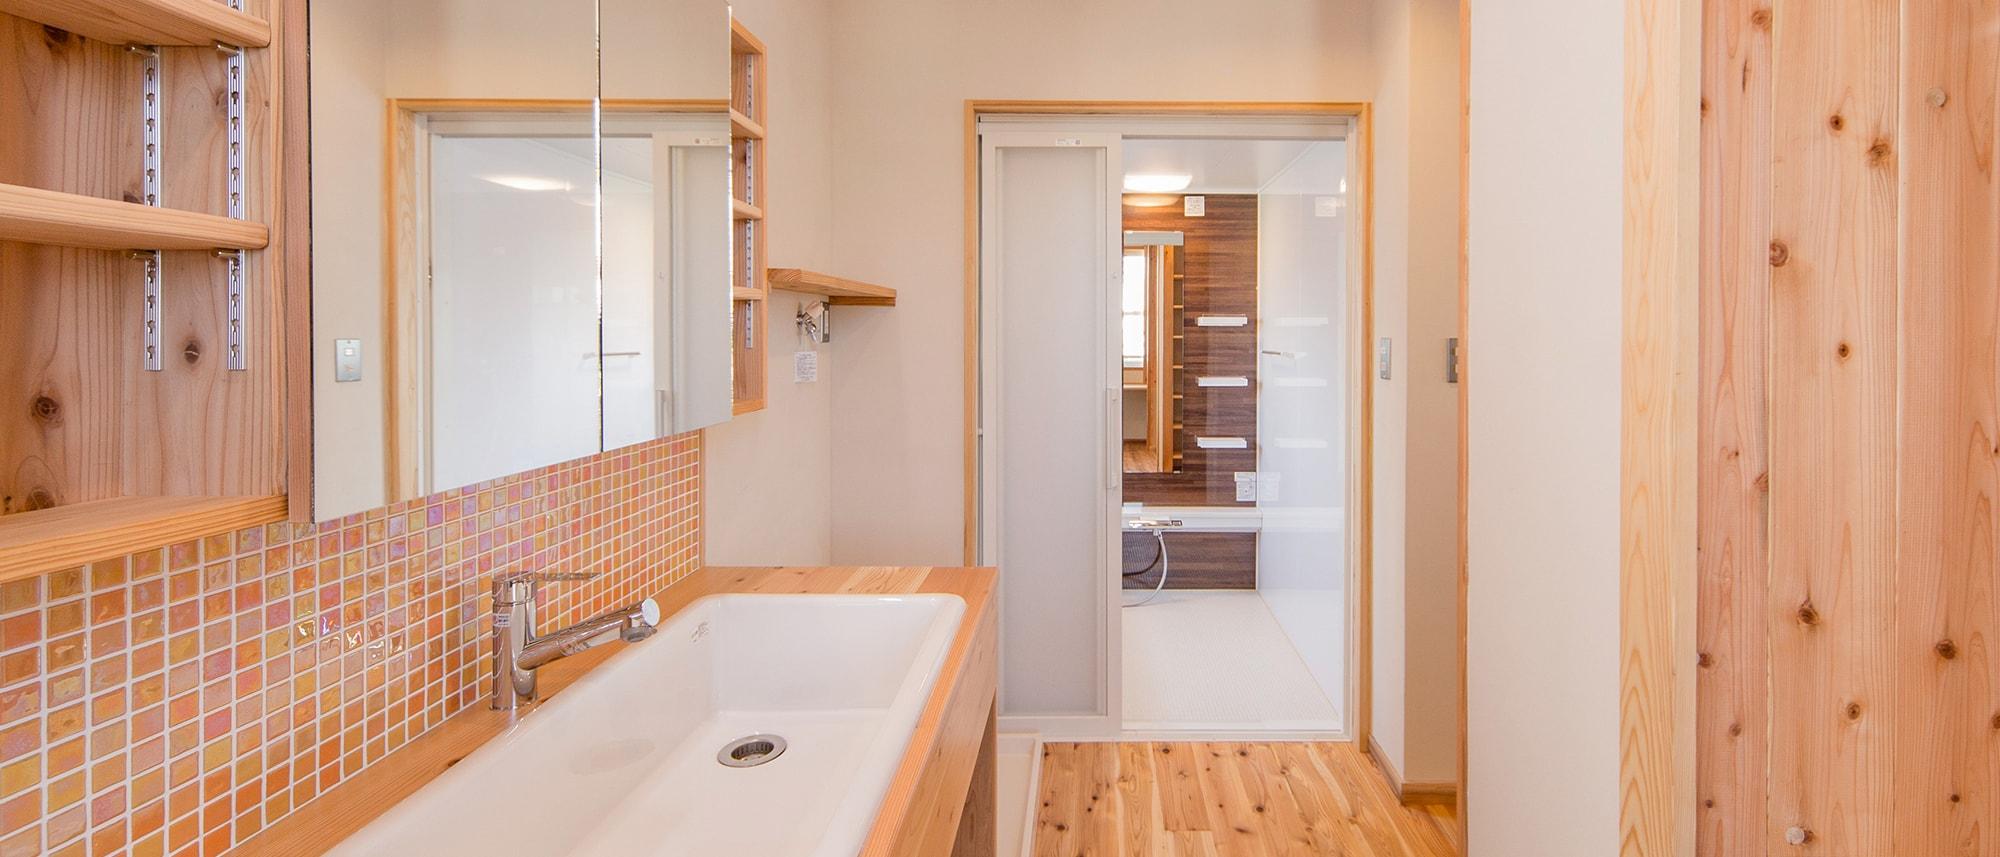 木箱 Kashiihama|洗面台から見た浴室の写真